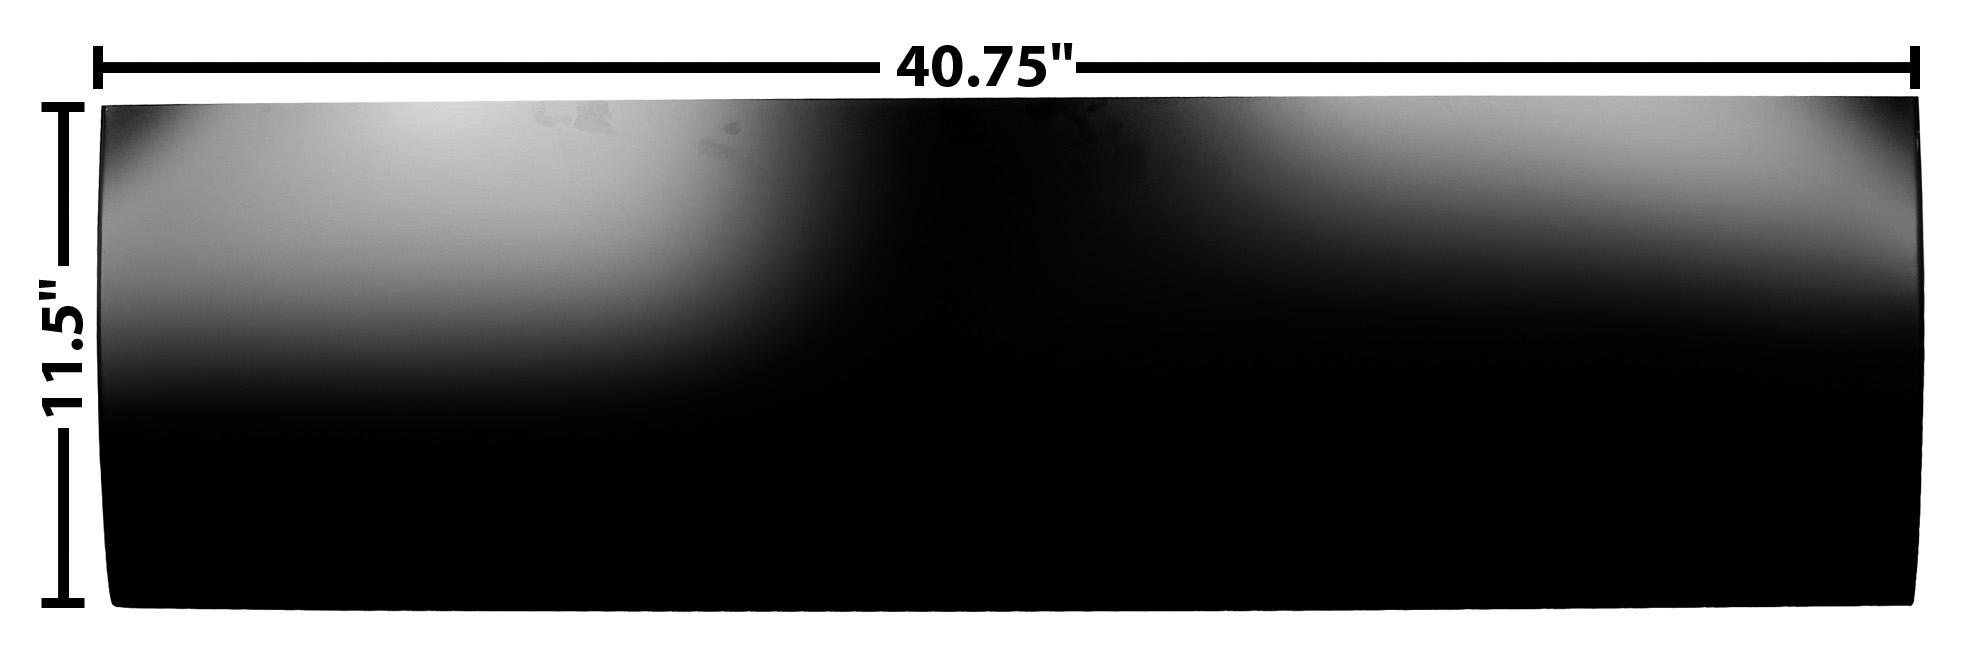 C PU 60-66 LOWER OUTER DOOR SKIN-LH=RH